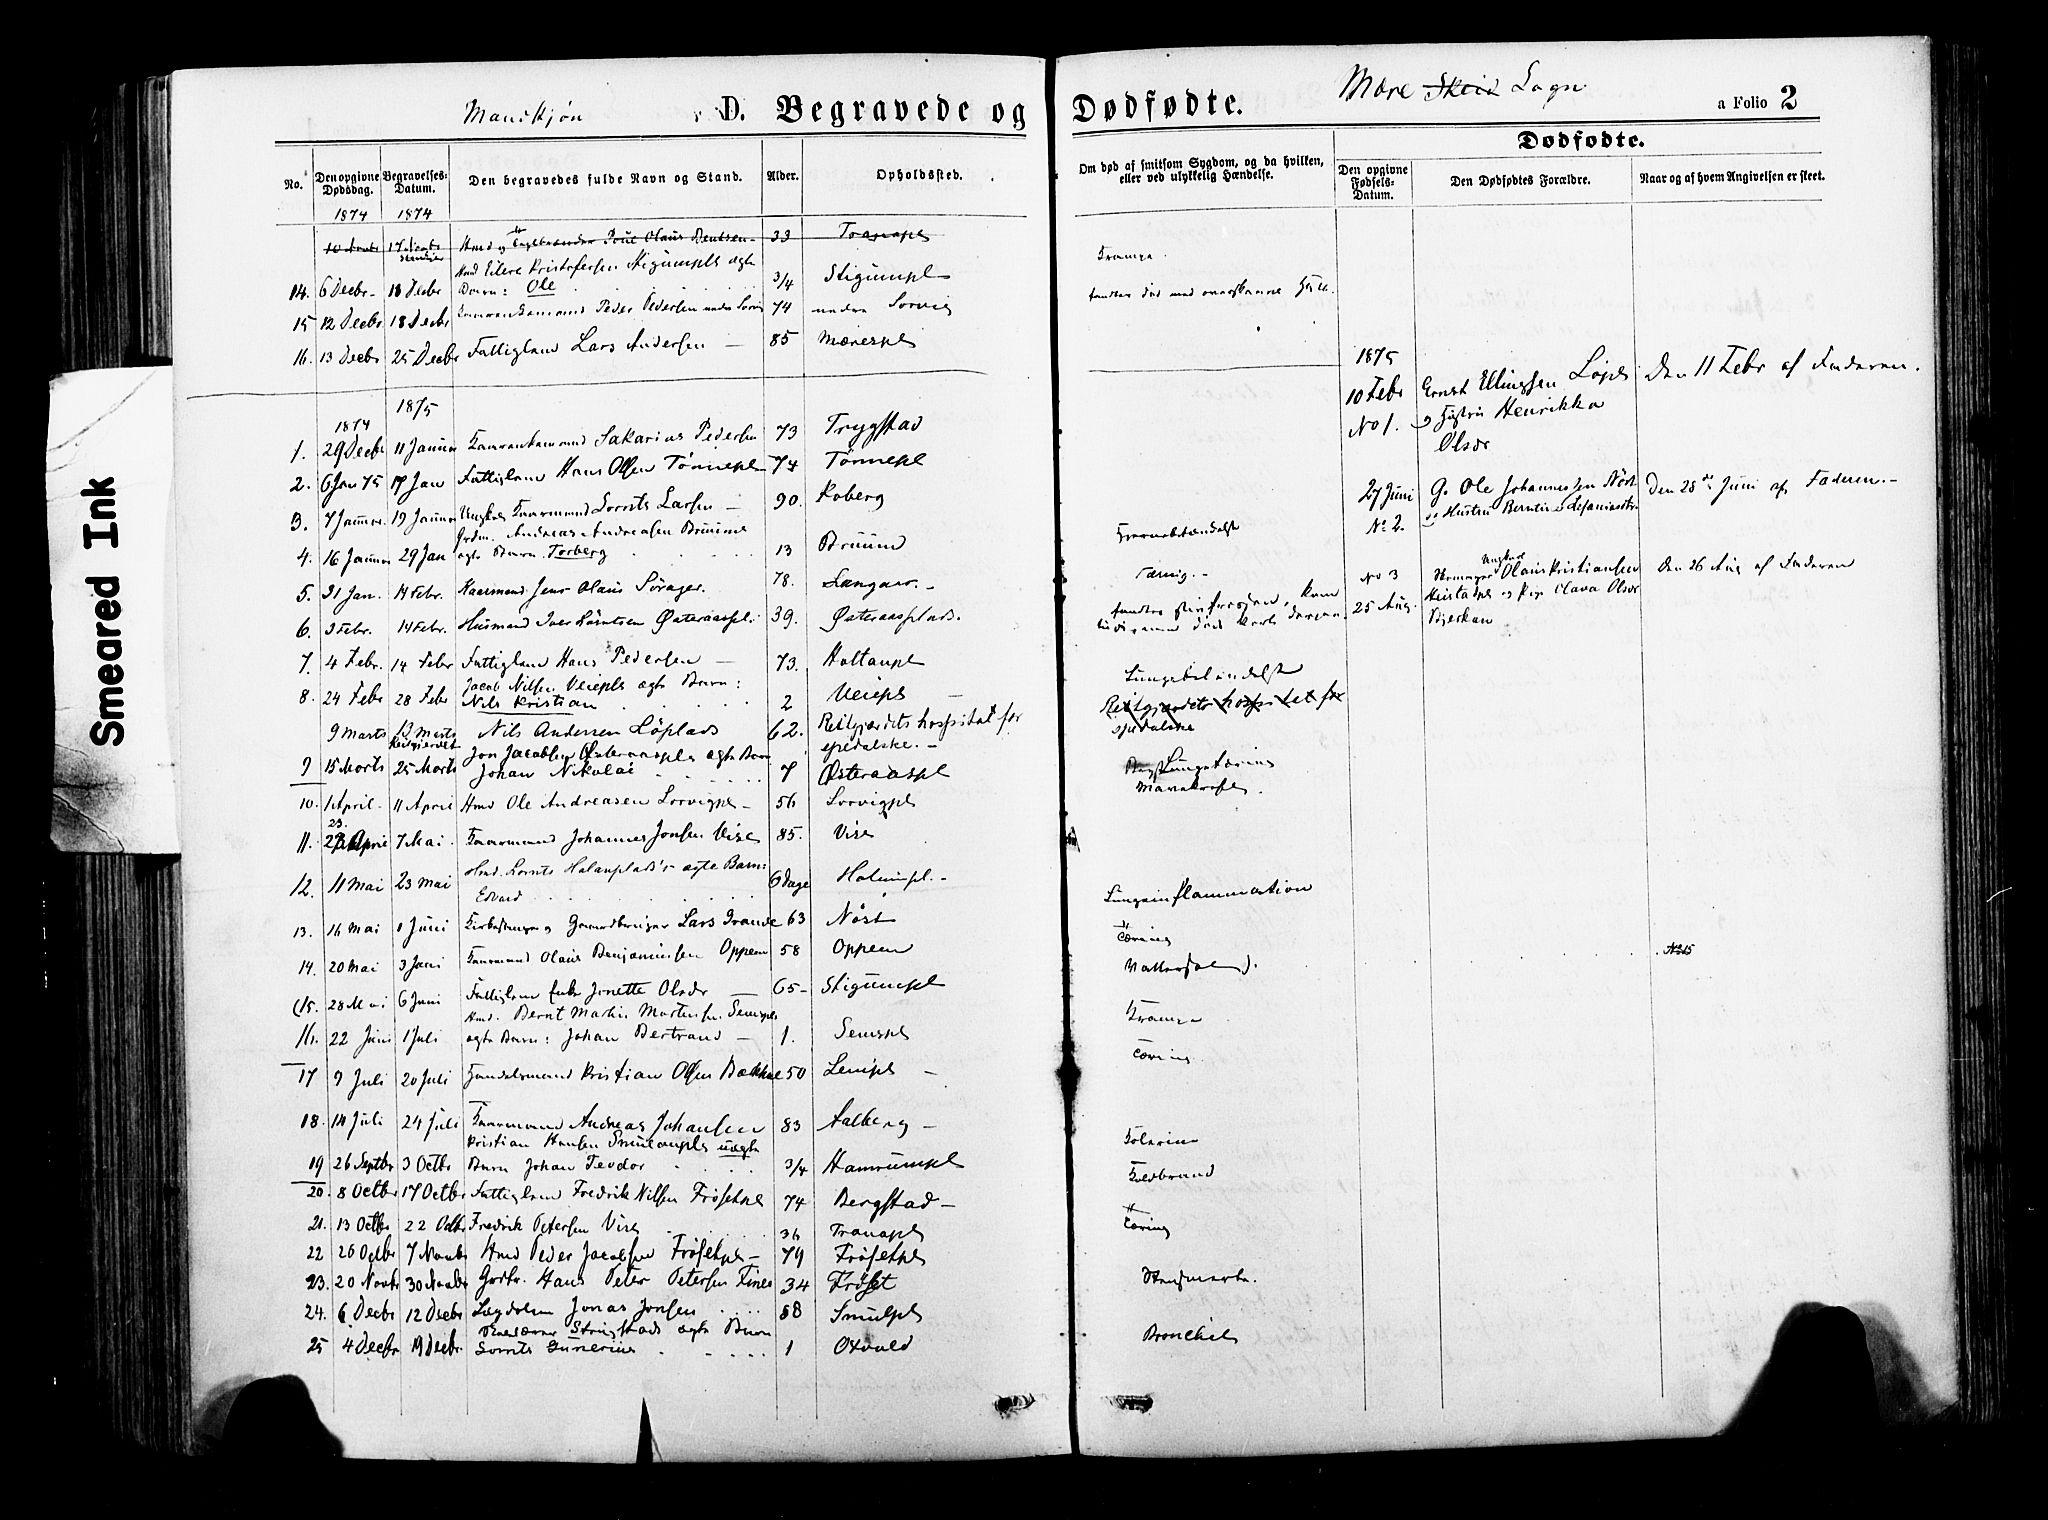 SAT, Ministerialprotokoller, klokkerbøker og fødselsregistre - Nord-Trøndelag, 735/L0348: Ministerialbok nr. 735A09 /1, 1873-1883, s. 2